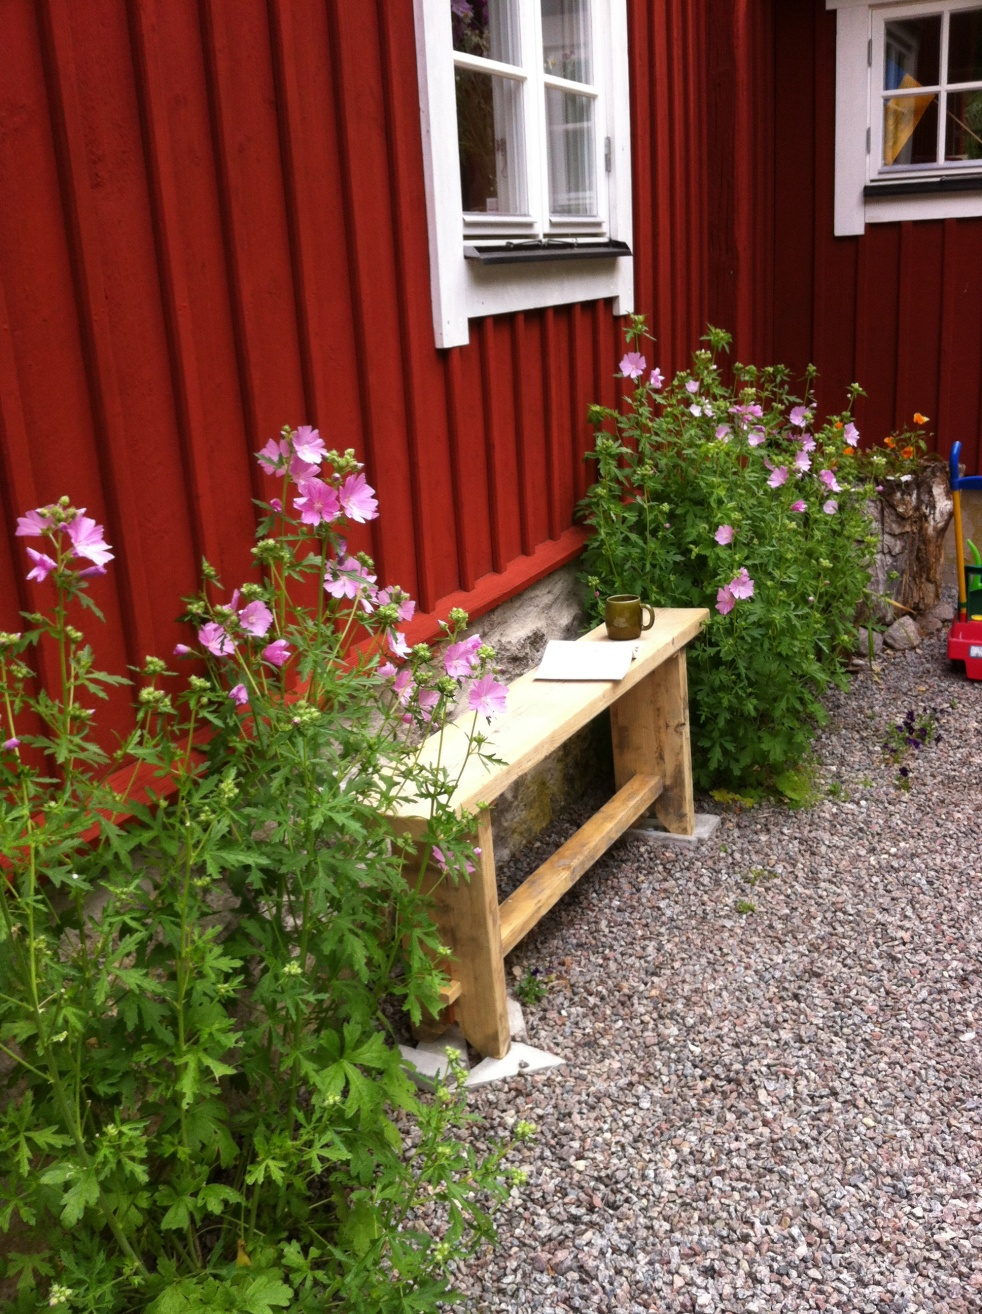 Schweden blüht und grünt im Sommer besonder hellrosa Malven haben es mir angetan. Davon umrahmt eine kleine helle Holzbank vo unserem schwedenroten Haus